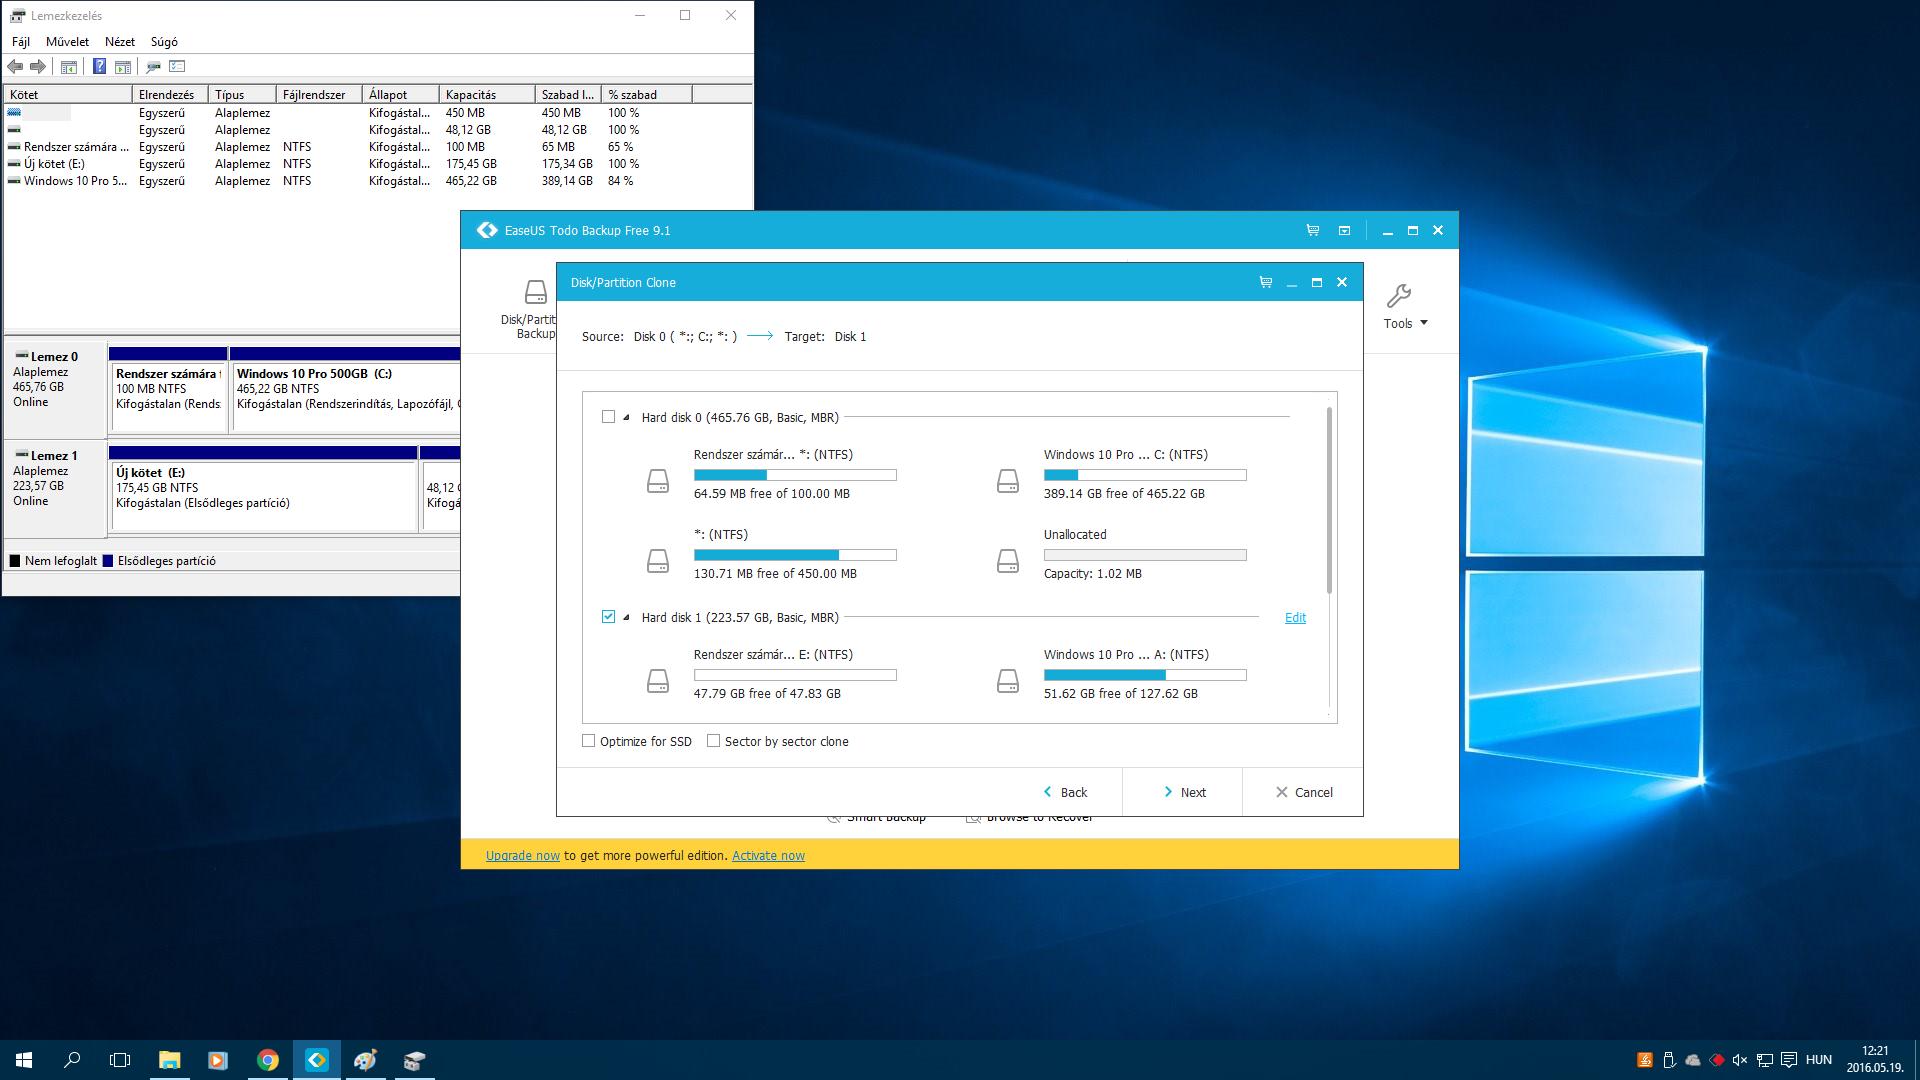 SSD Upgrade - Adatköltöztetés - EaseUS Todo Backup Free 9.1